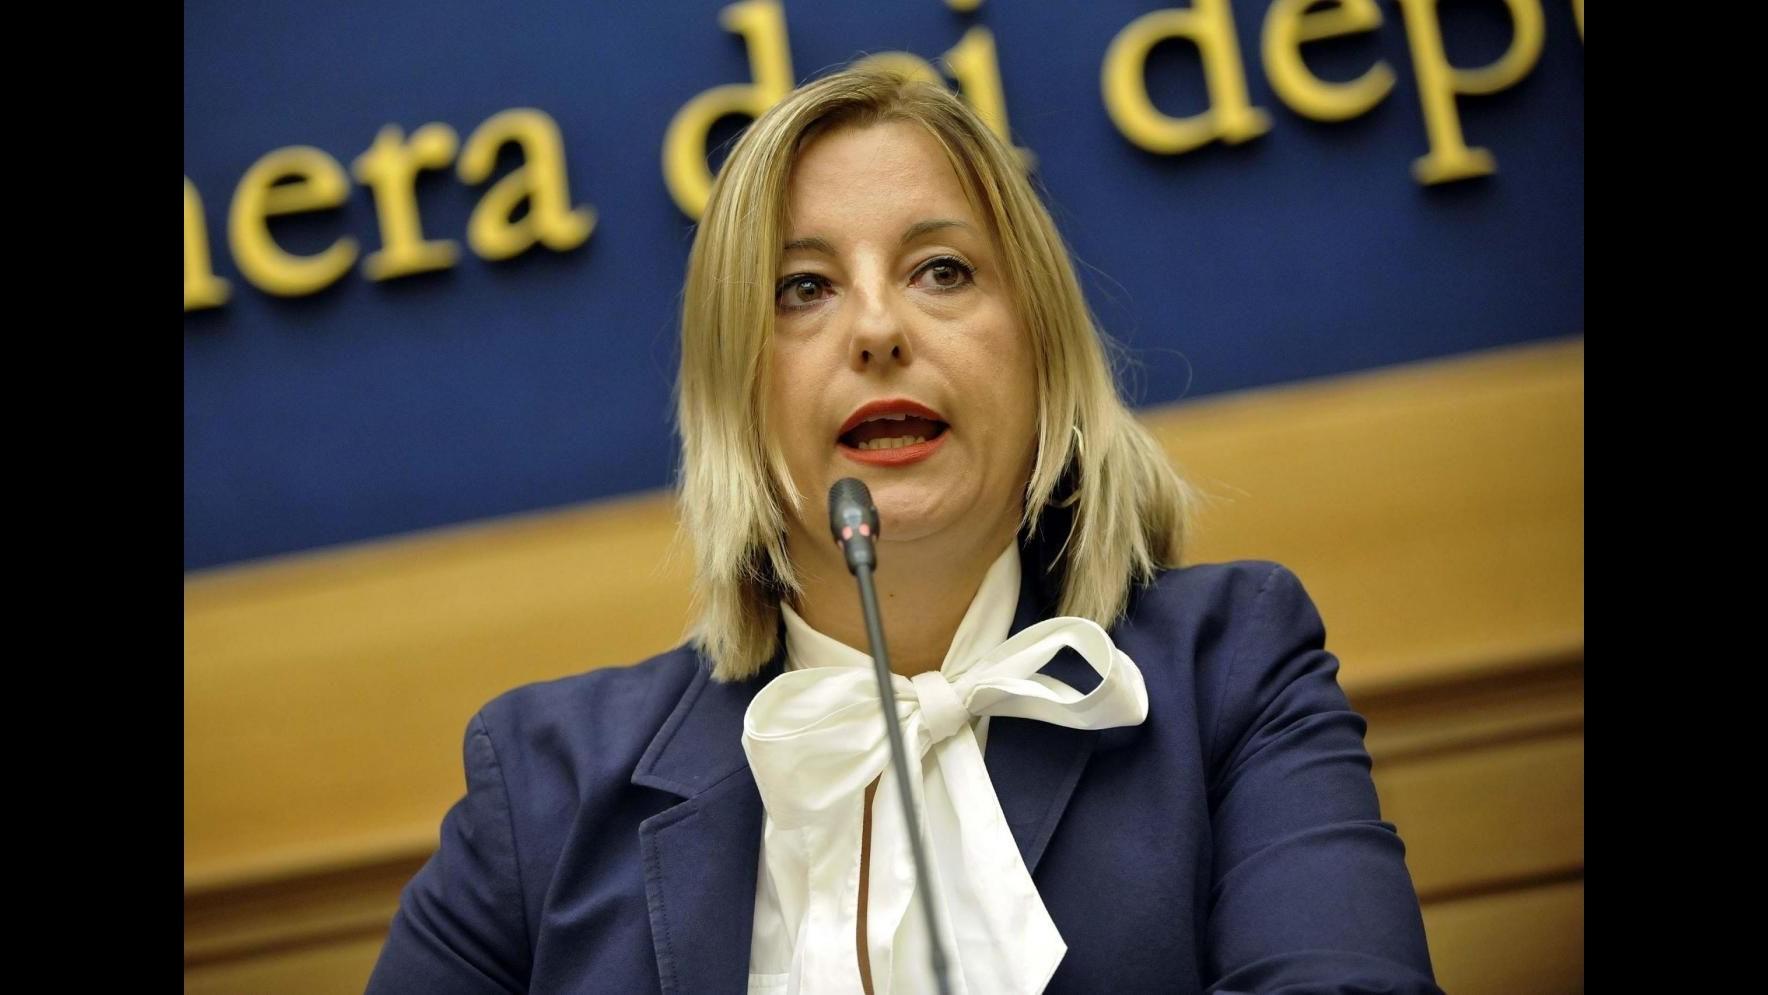 Mafia Capitale, Lombardi (M5S): In tribunale per costituirmi parte civile